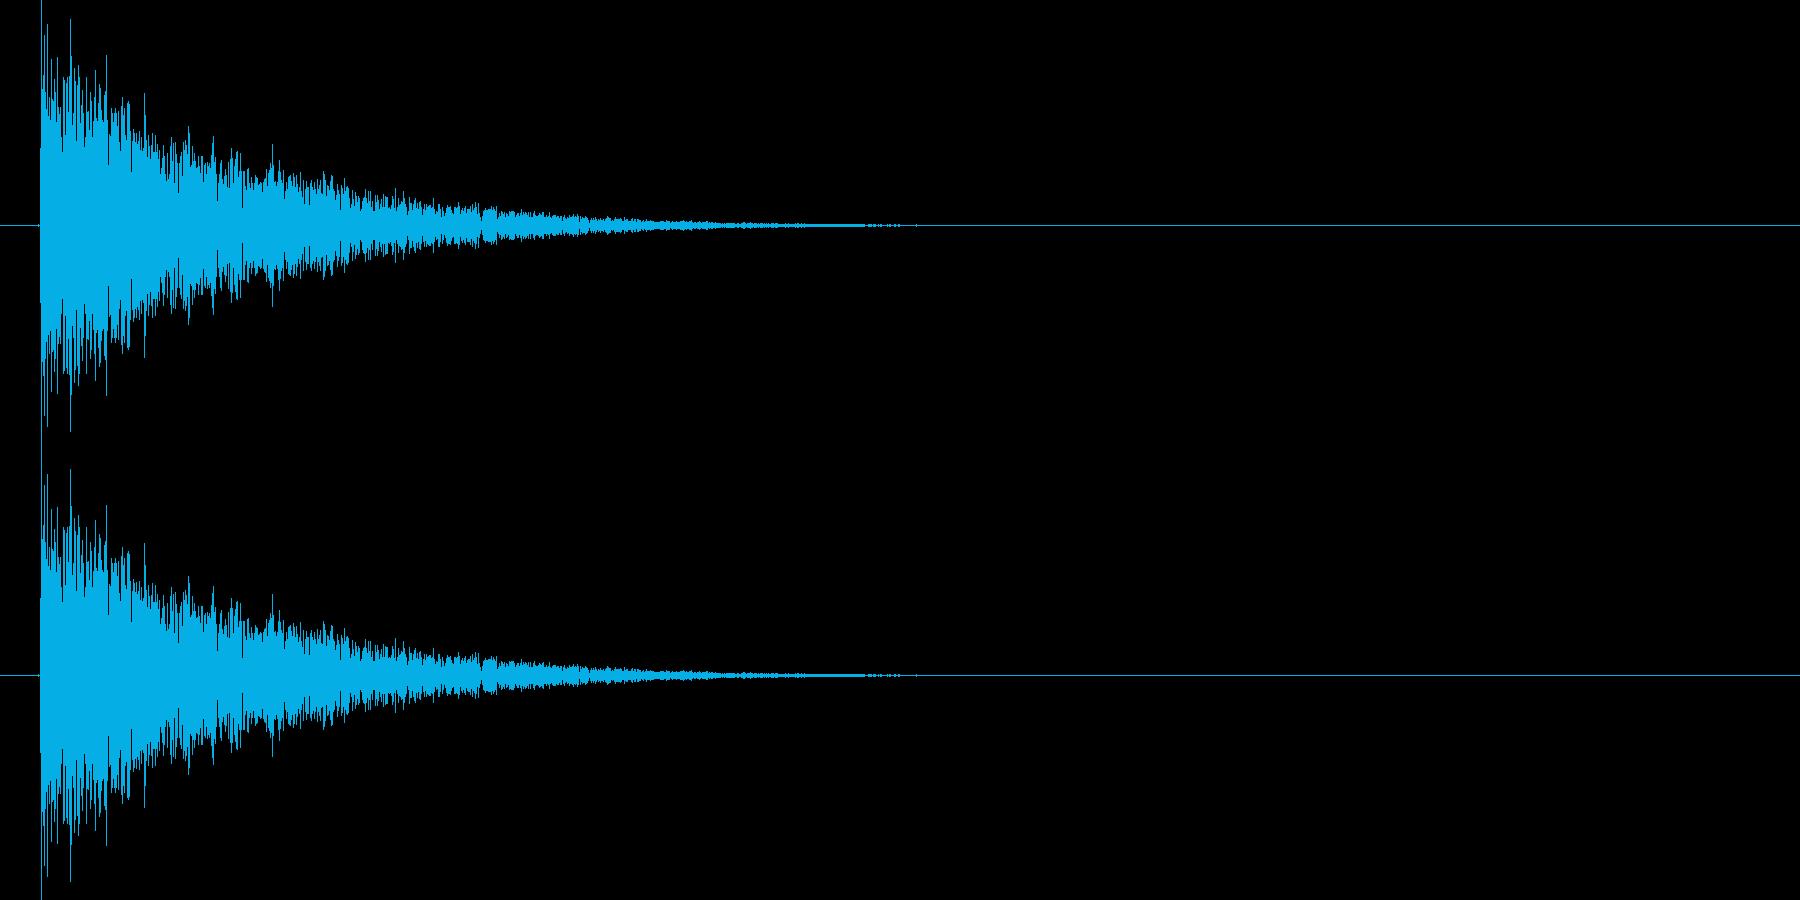 バシーィィィッ 効果音、格闘などの余韻…の再生済みの波形